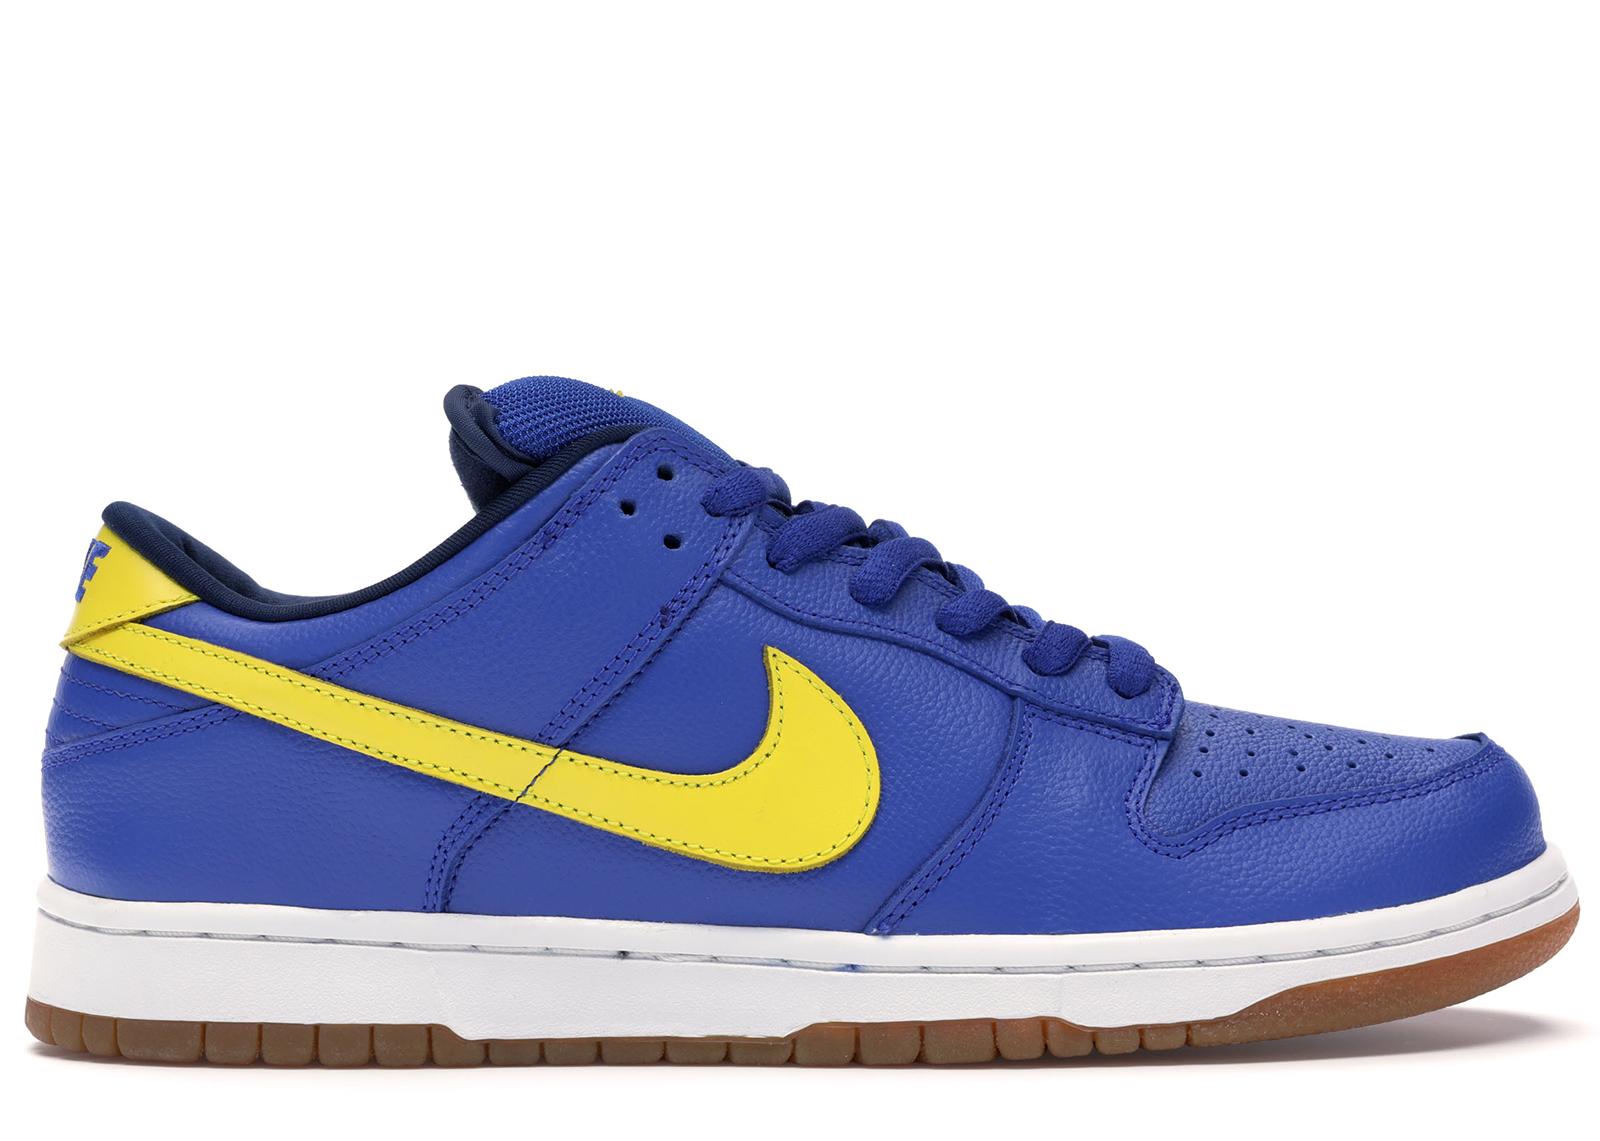 Nike Dunk SB Low Boca Juniors - 304292-471